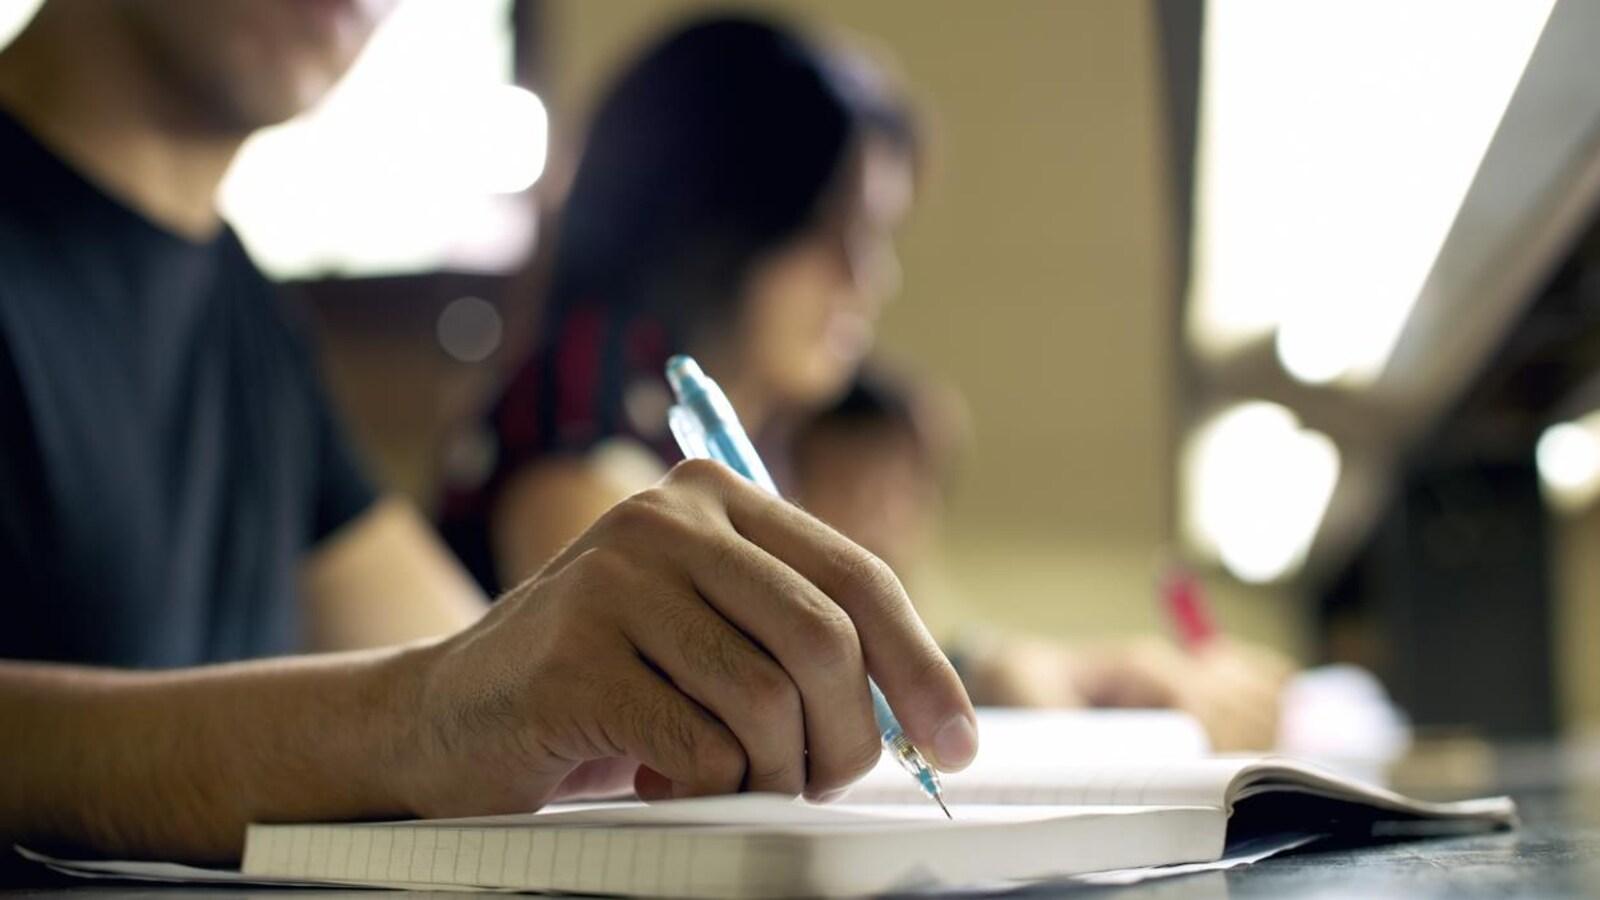 Des élèves prennent des notes dans une salle de classe.